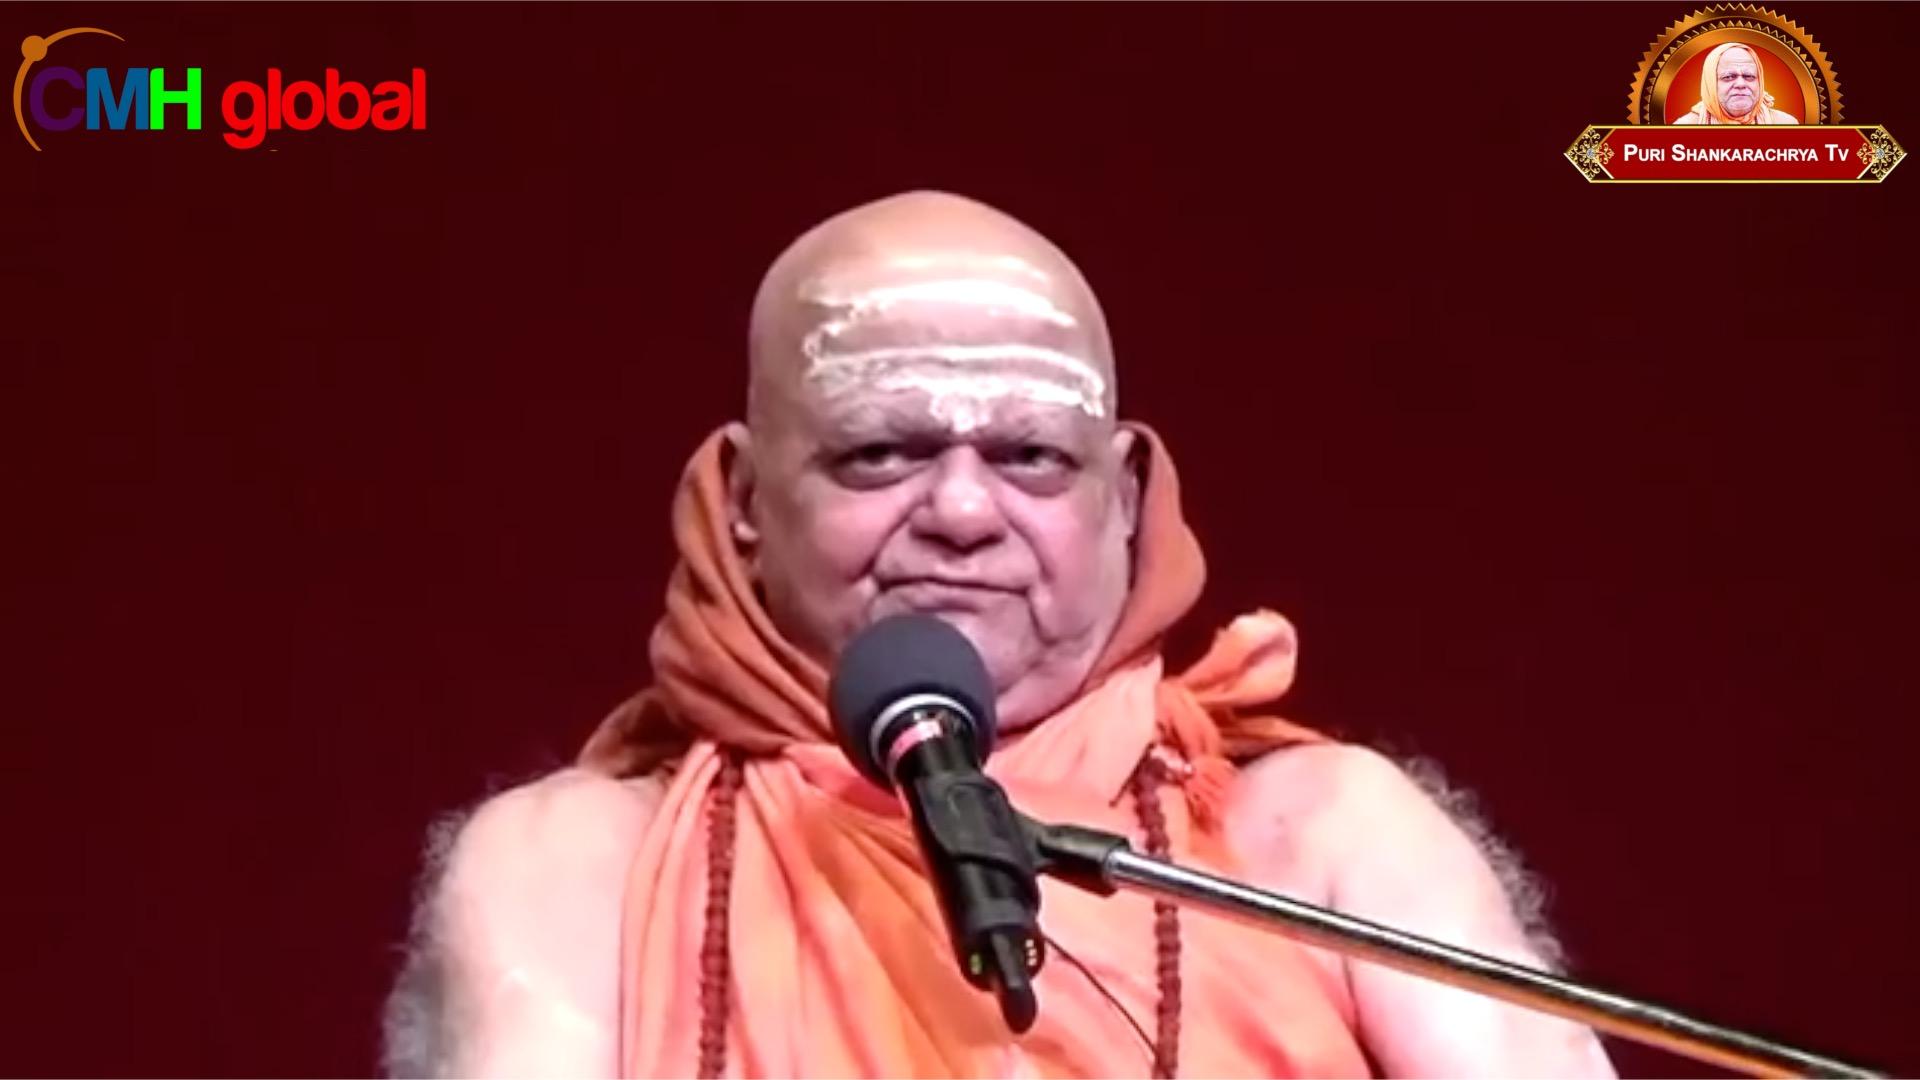 Gyan Dhara Ep -39 by Puri Shankaracharya Swami Nishchalananda Saraswati Ji